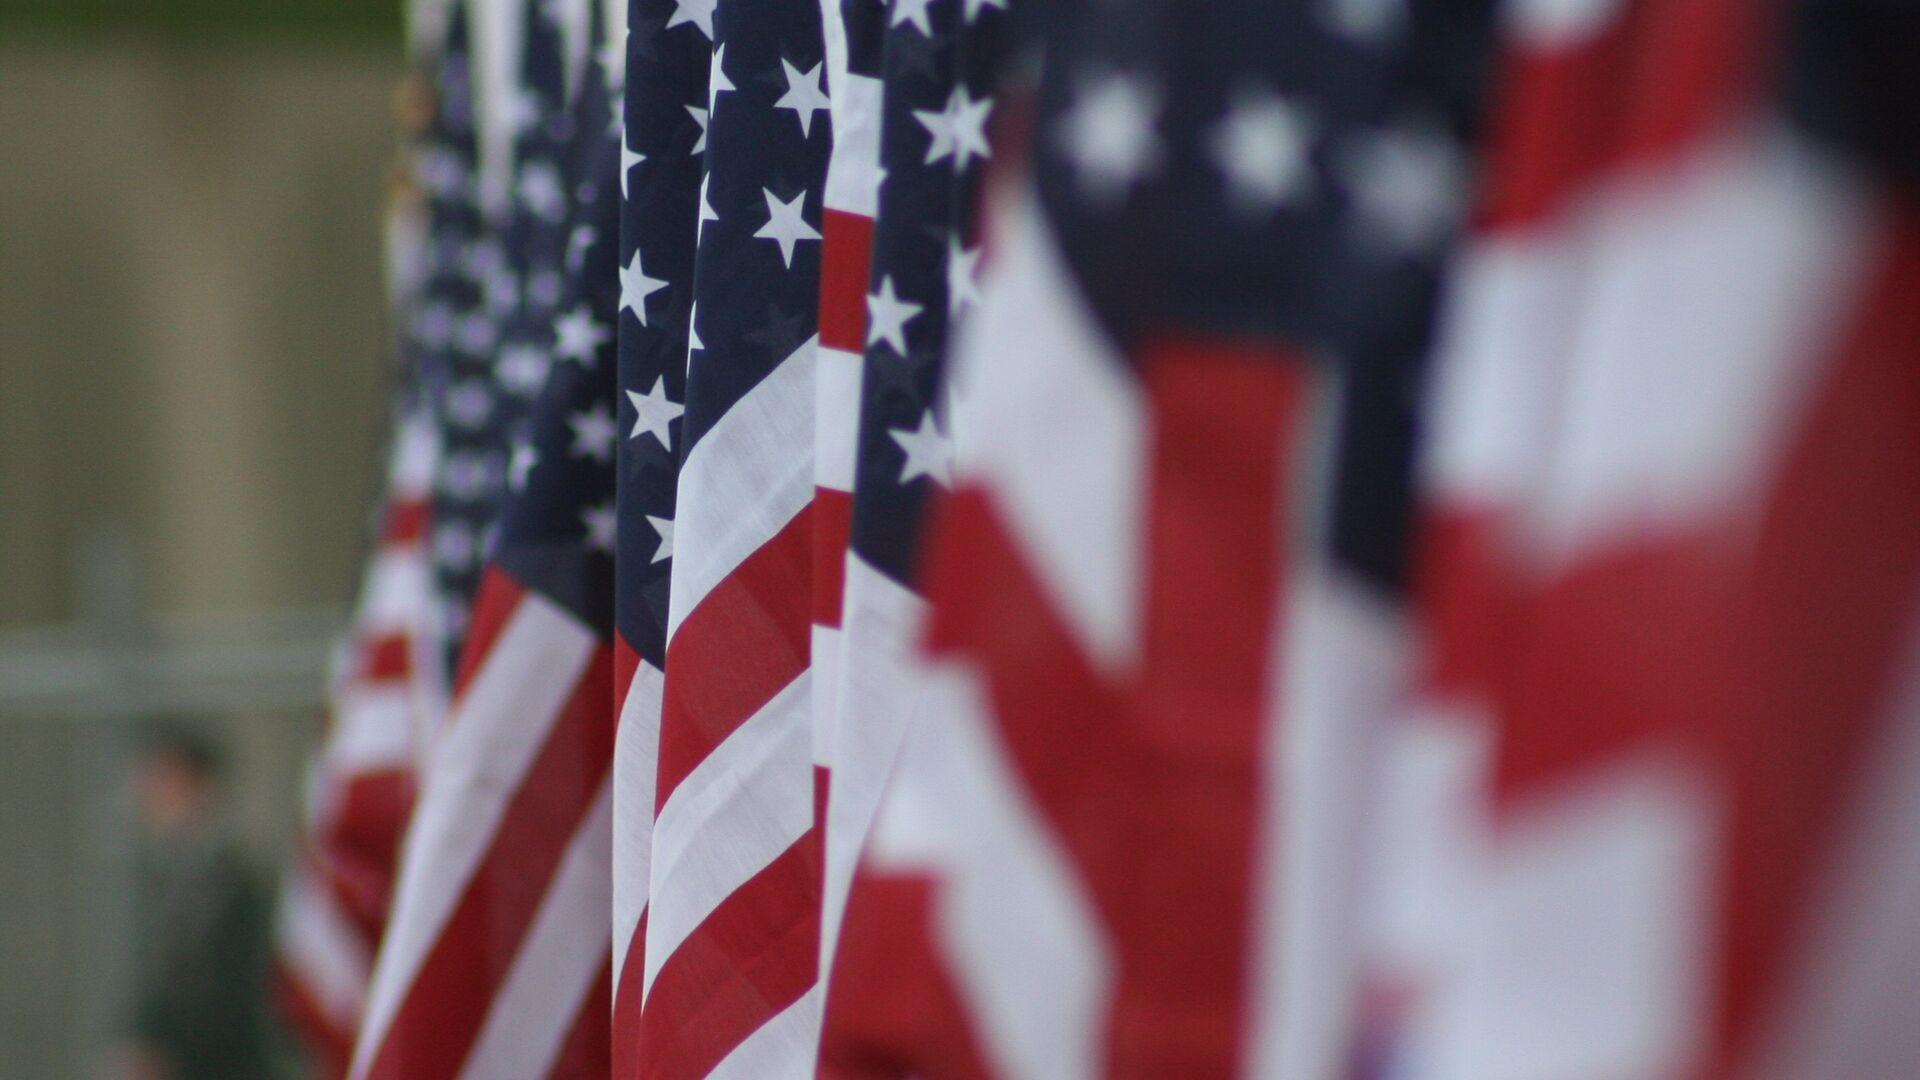 Las banderas de EEUU - Sputnik Mundo, 1920, 23.07.2021